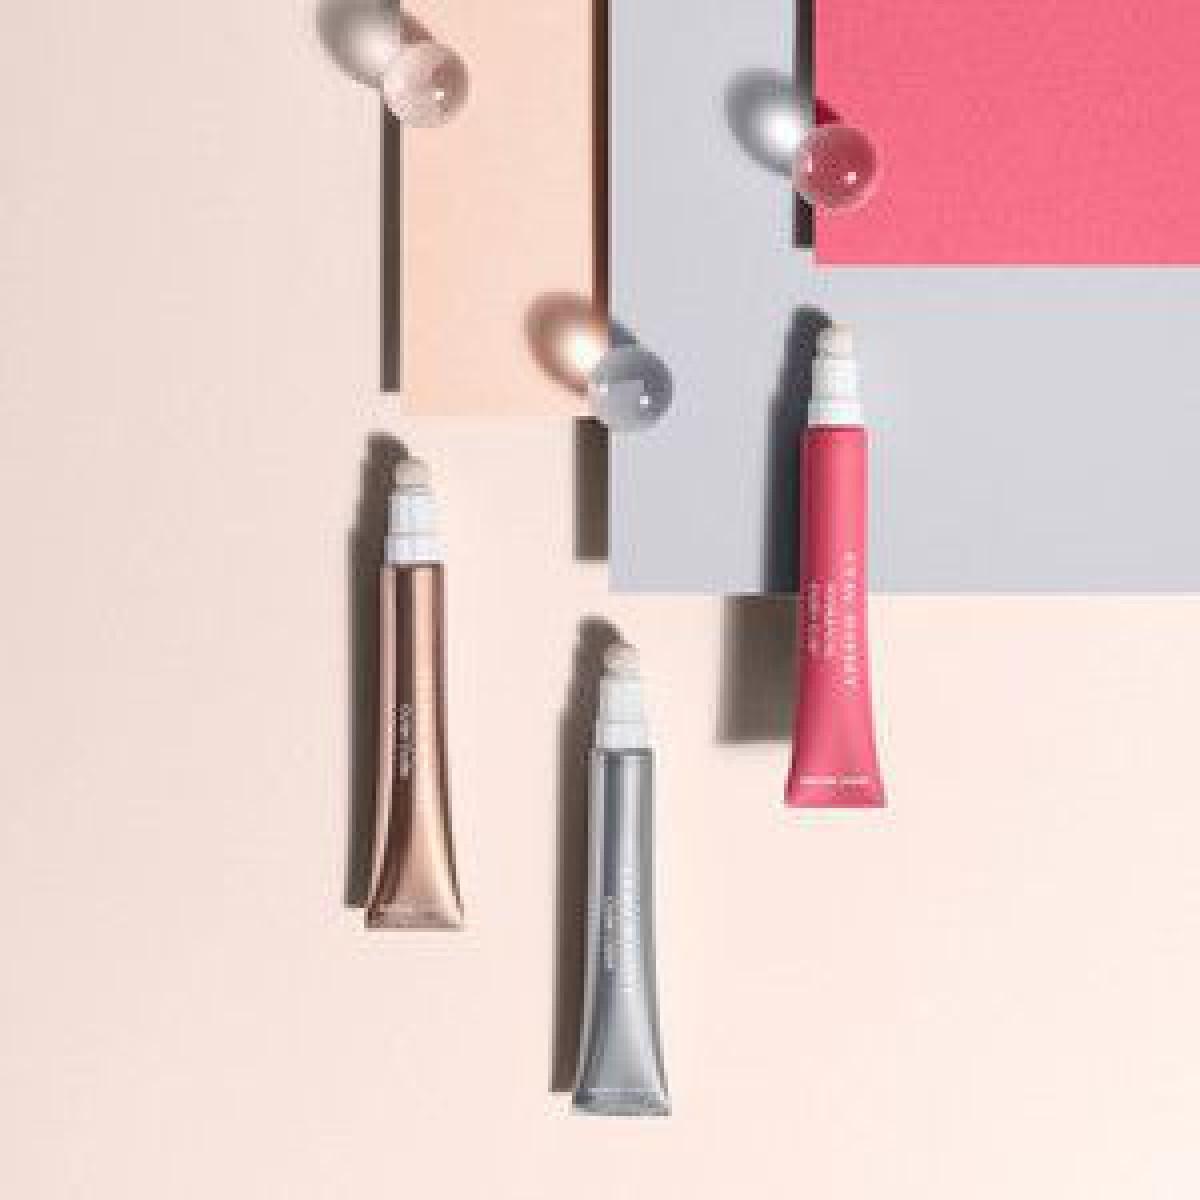 「イッセイ ミヤケ パルファム」がミニチューブ型の新作フレグランス発売、3種の香りを用意